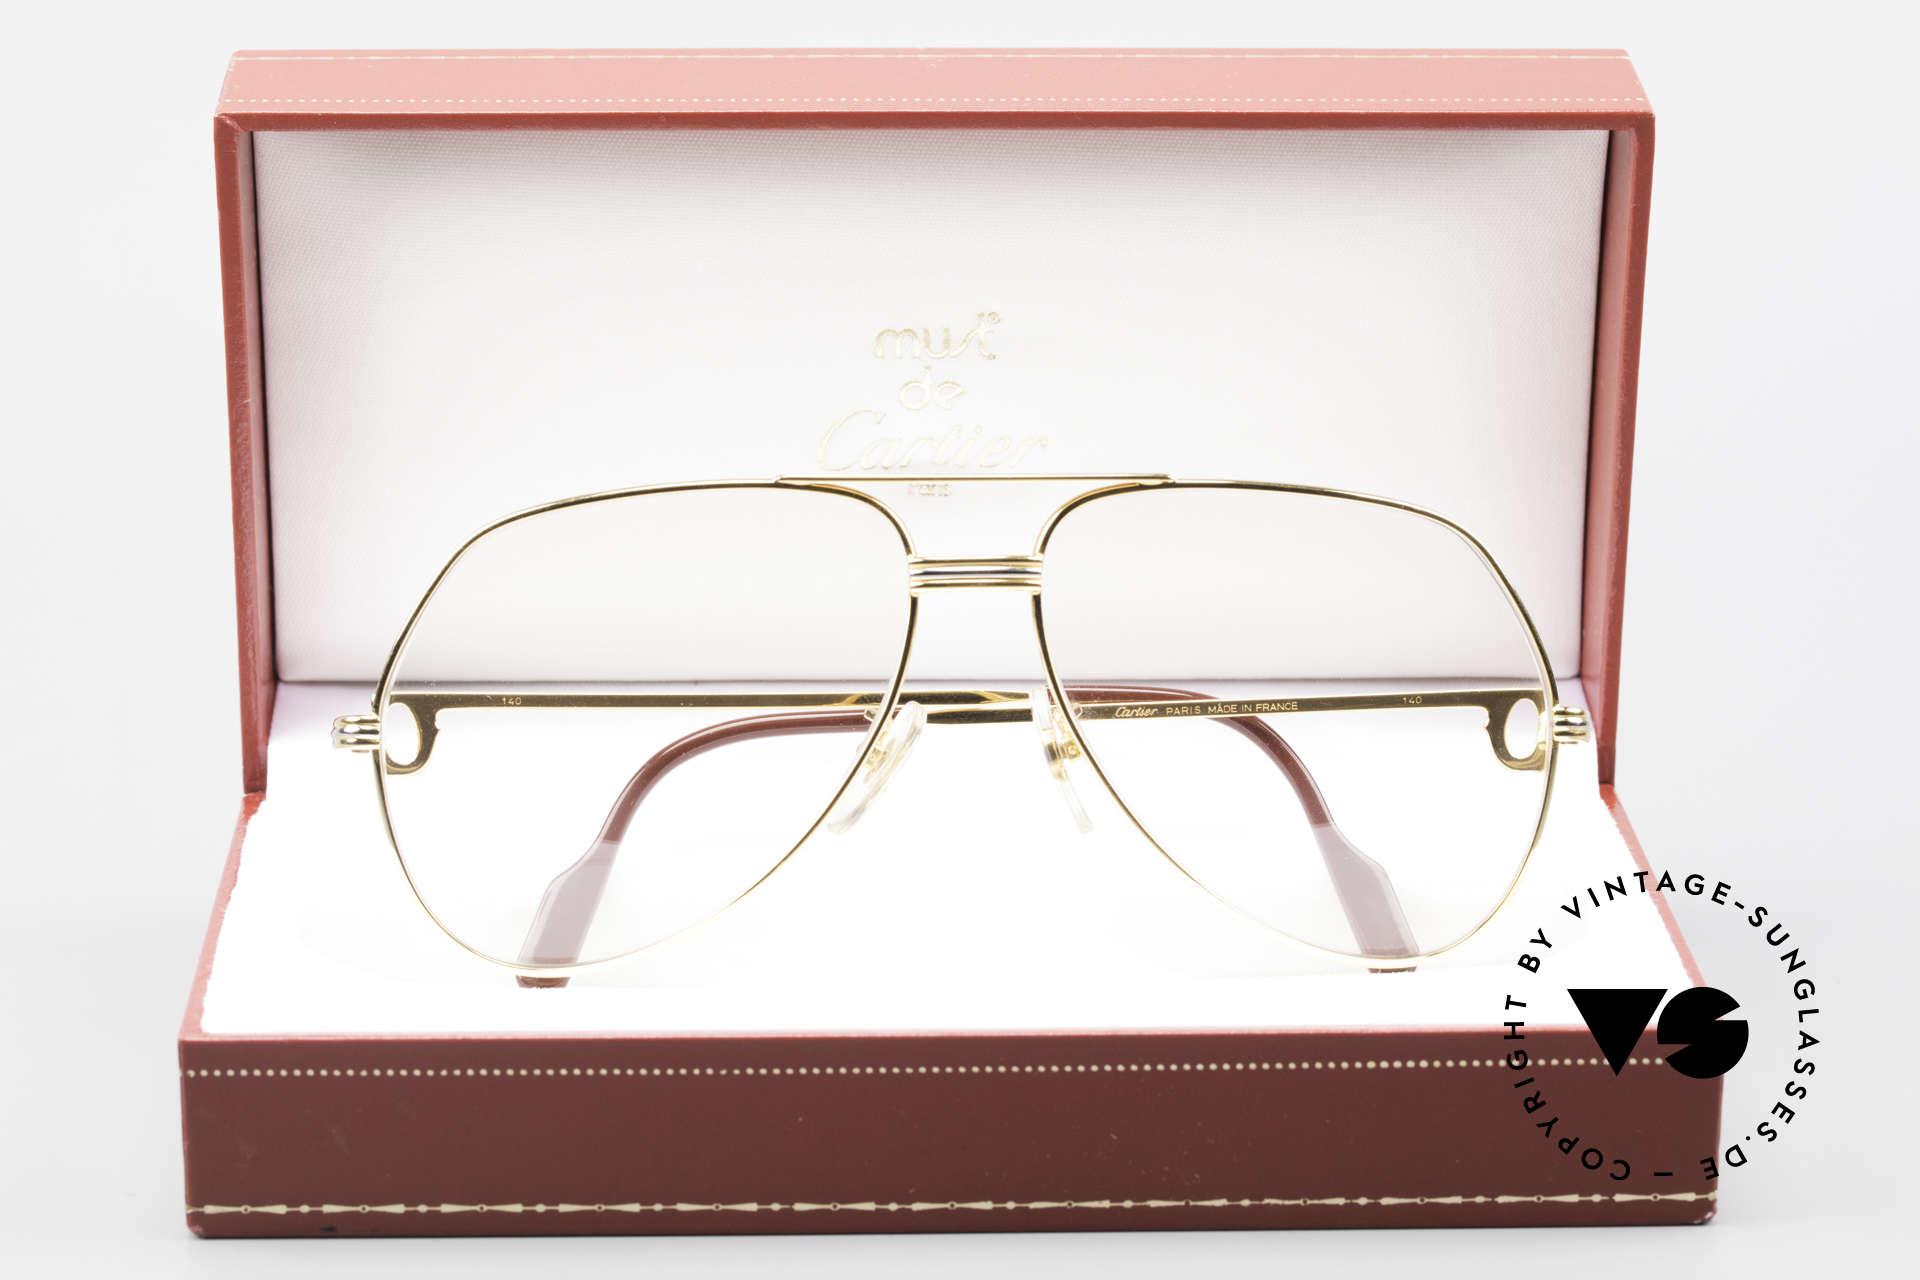 Cartier Vendome LC - L Changeable Cartier Sun Lenses, NO retro eyeglasses, but an authentic vintage ORIGINAL, Made for Men